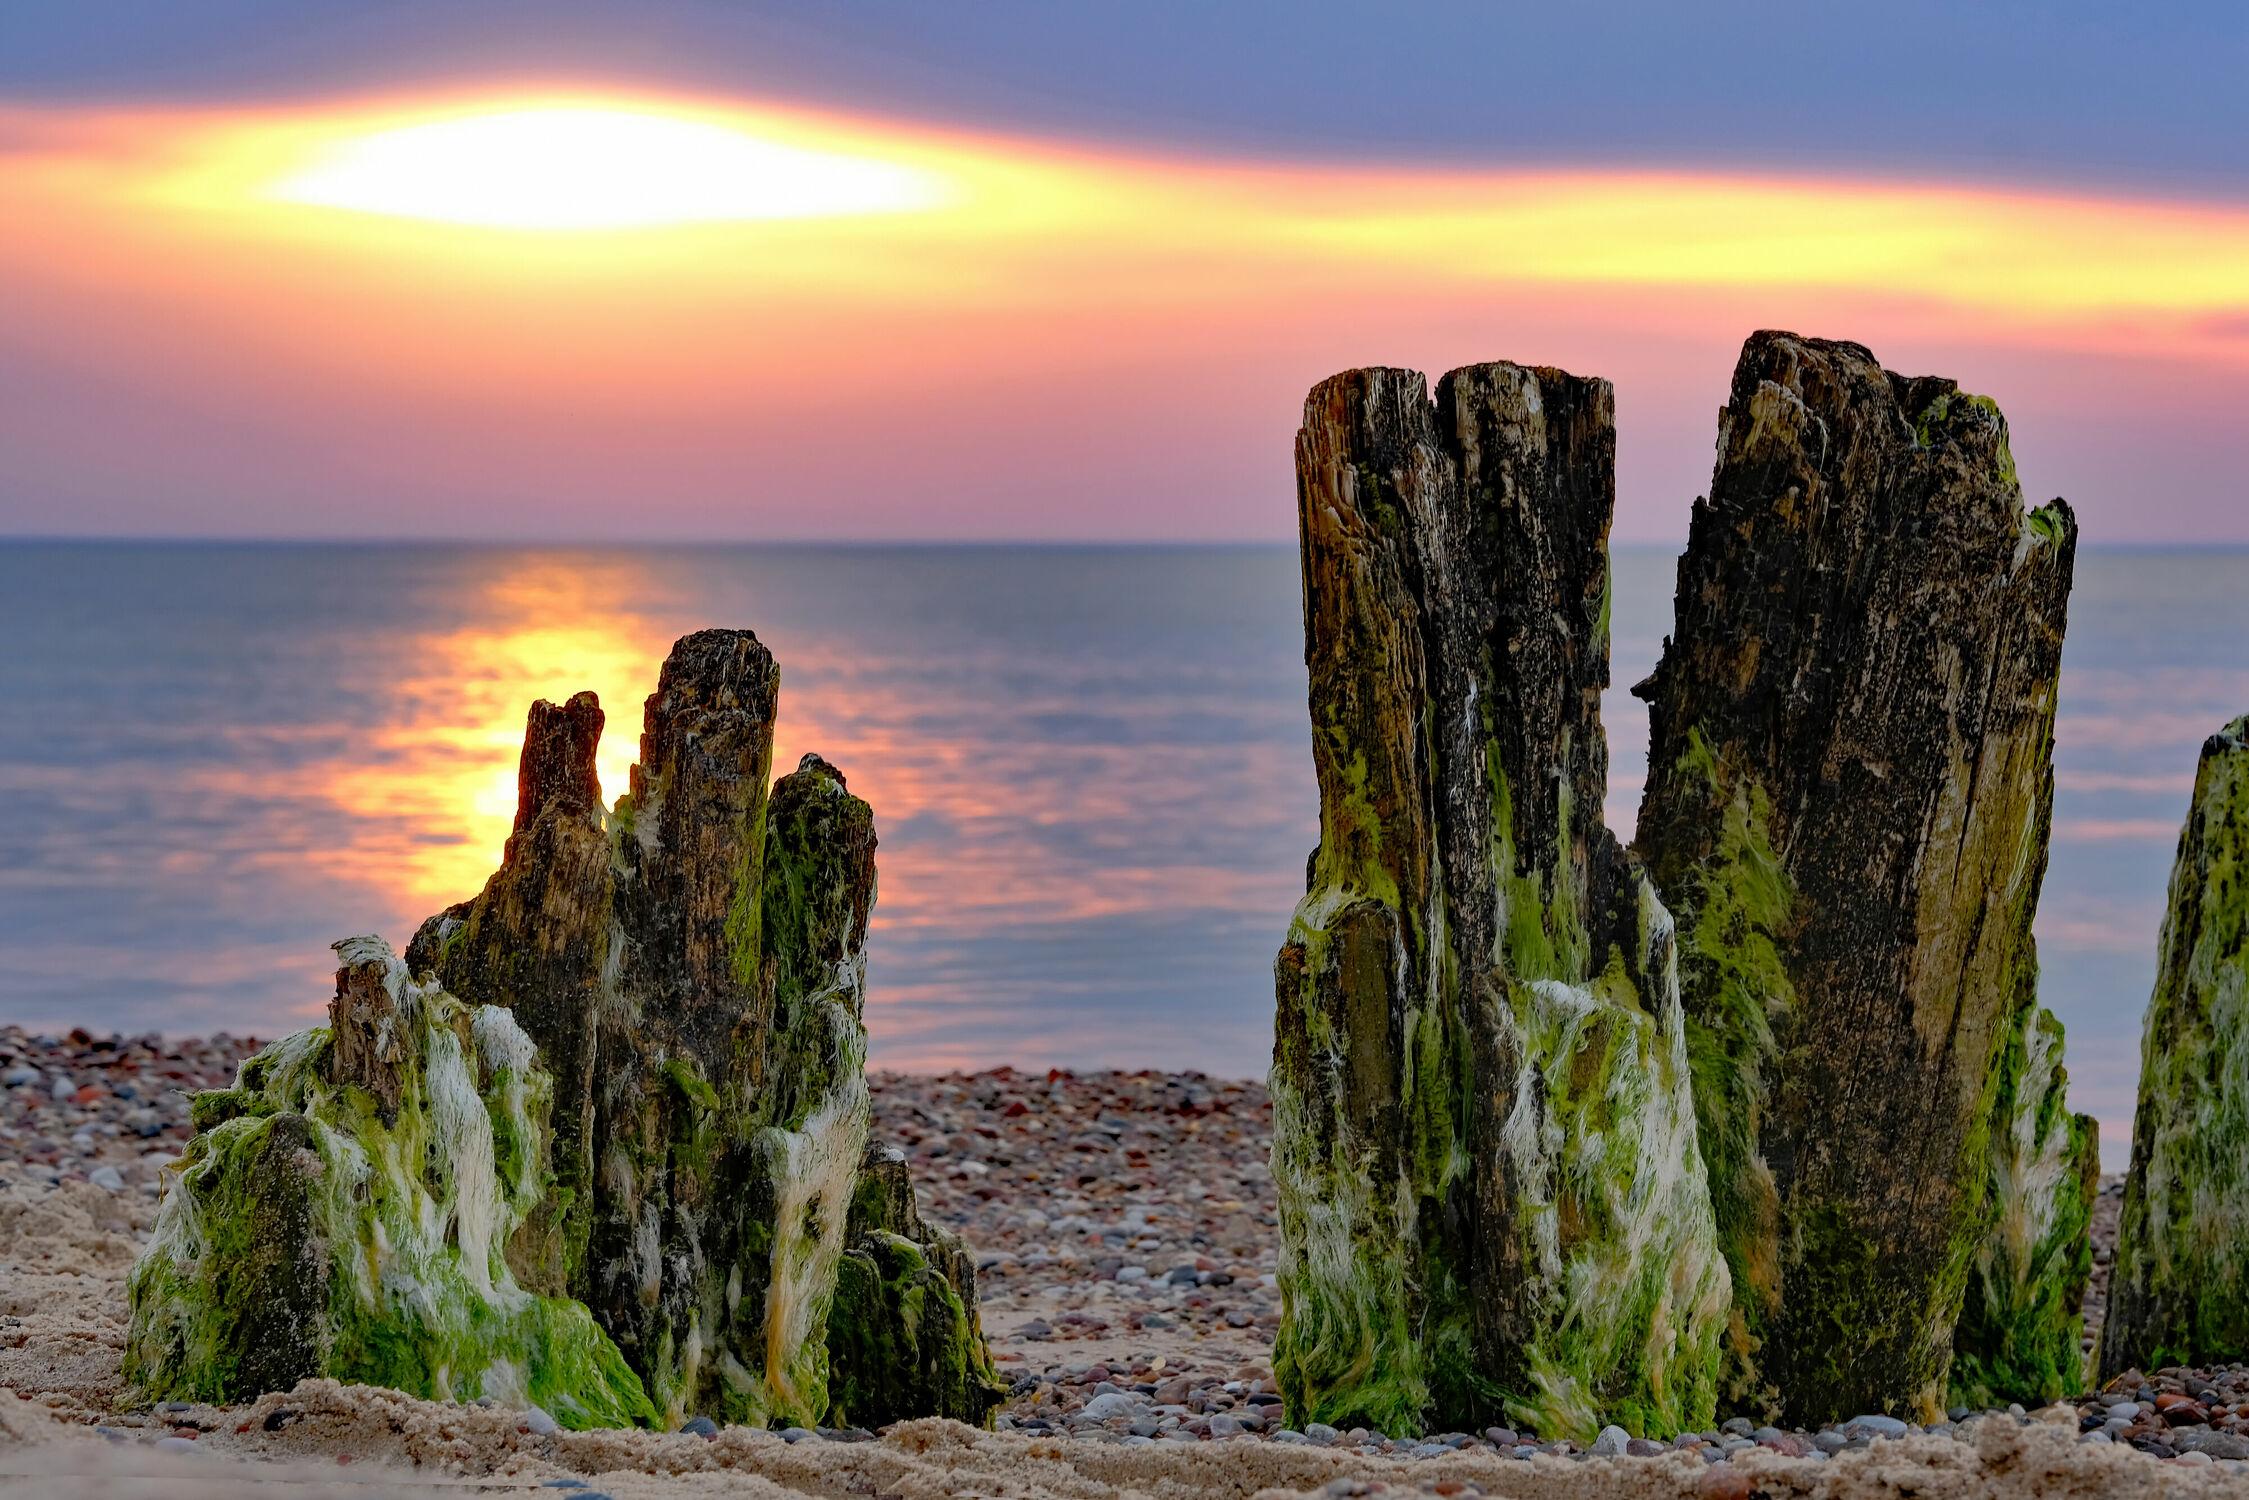 Bild mit Himmel, Sand, Sonnenuntergang, Sonne, Kies, Strand, Gegenlicht, Küste, Ausspannen, Buhnen